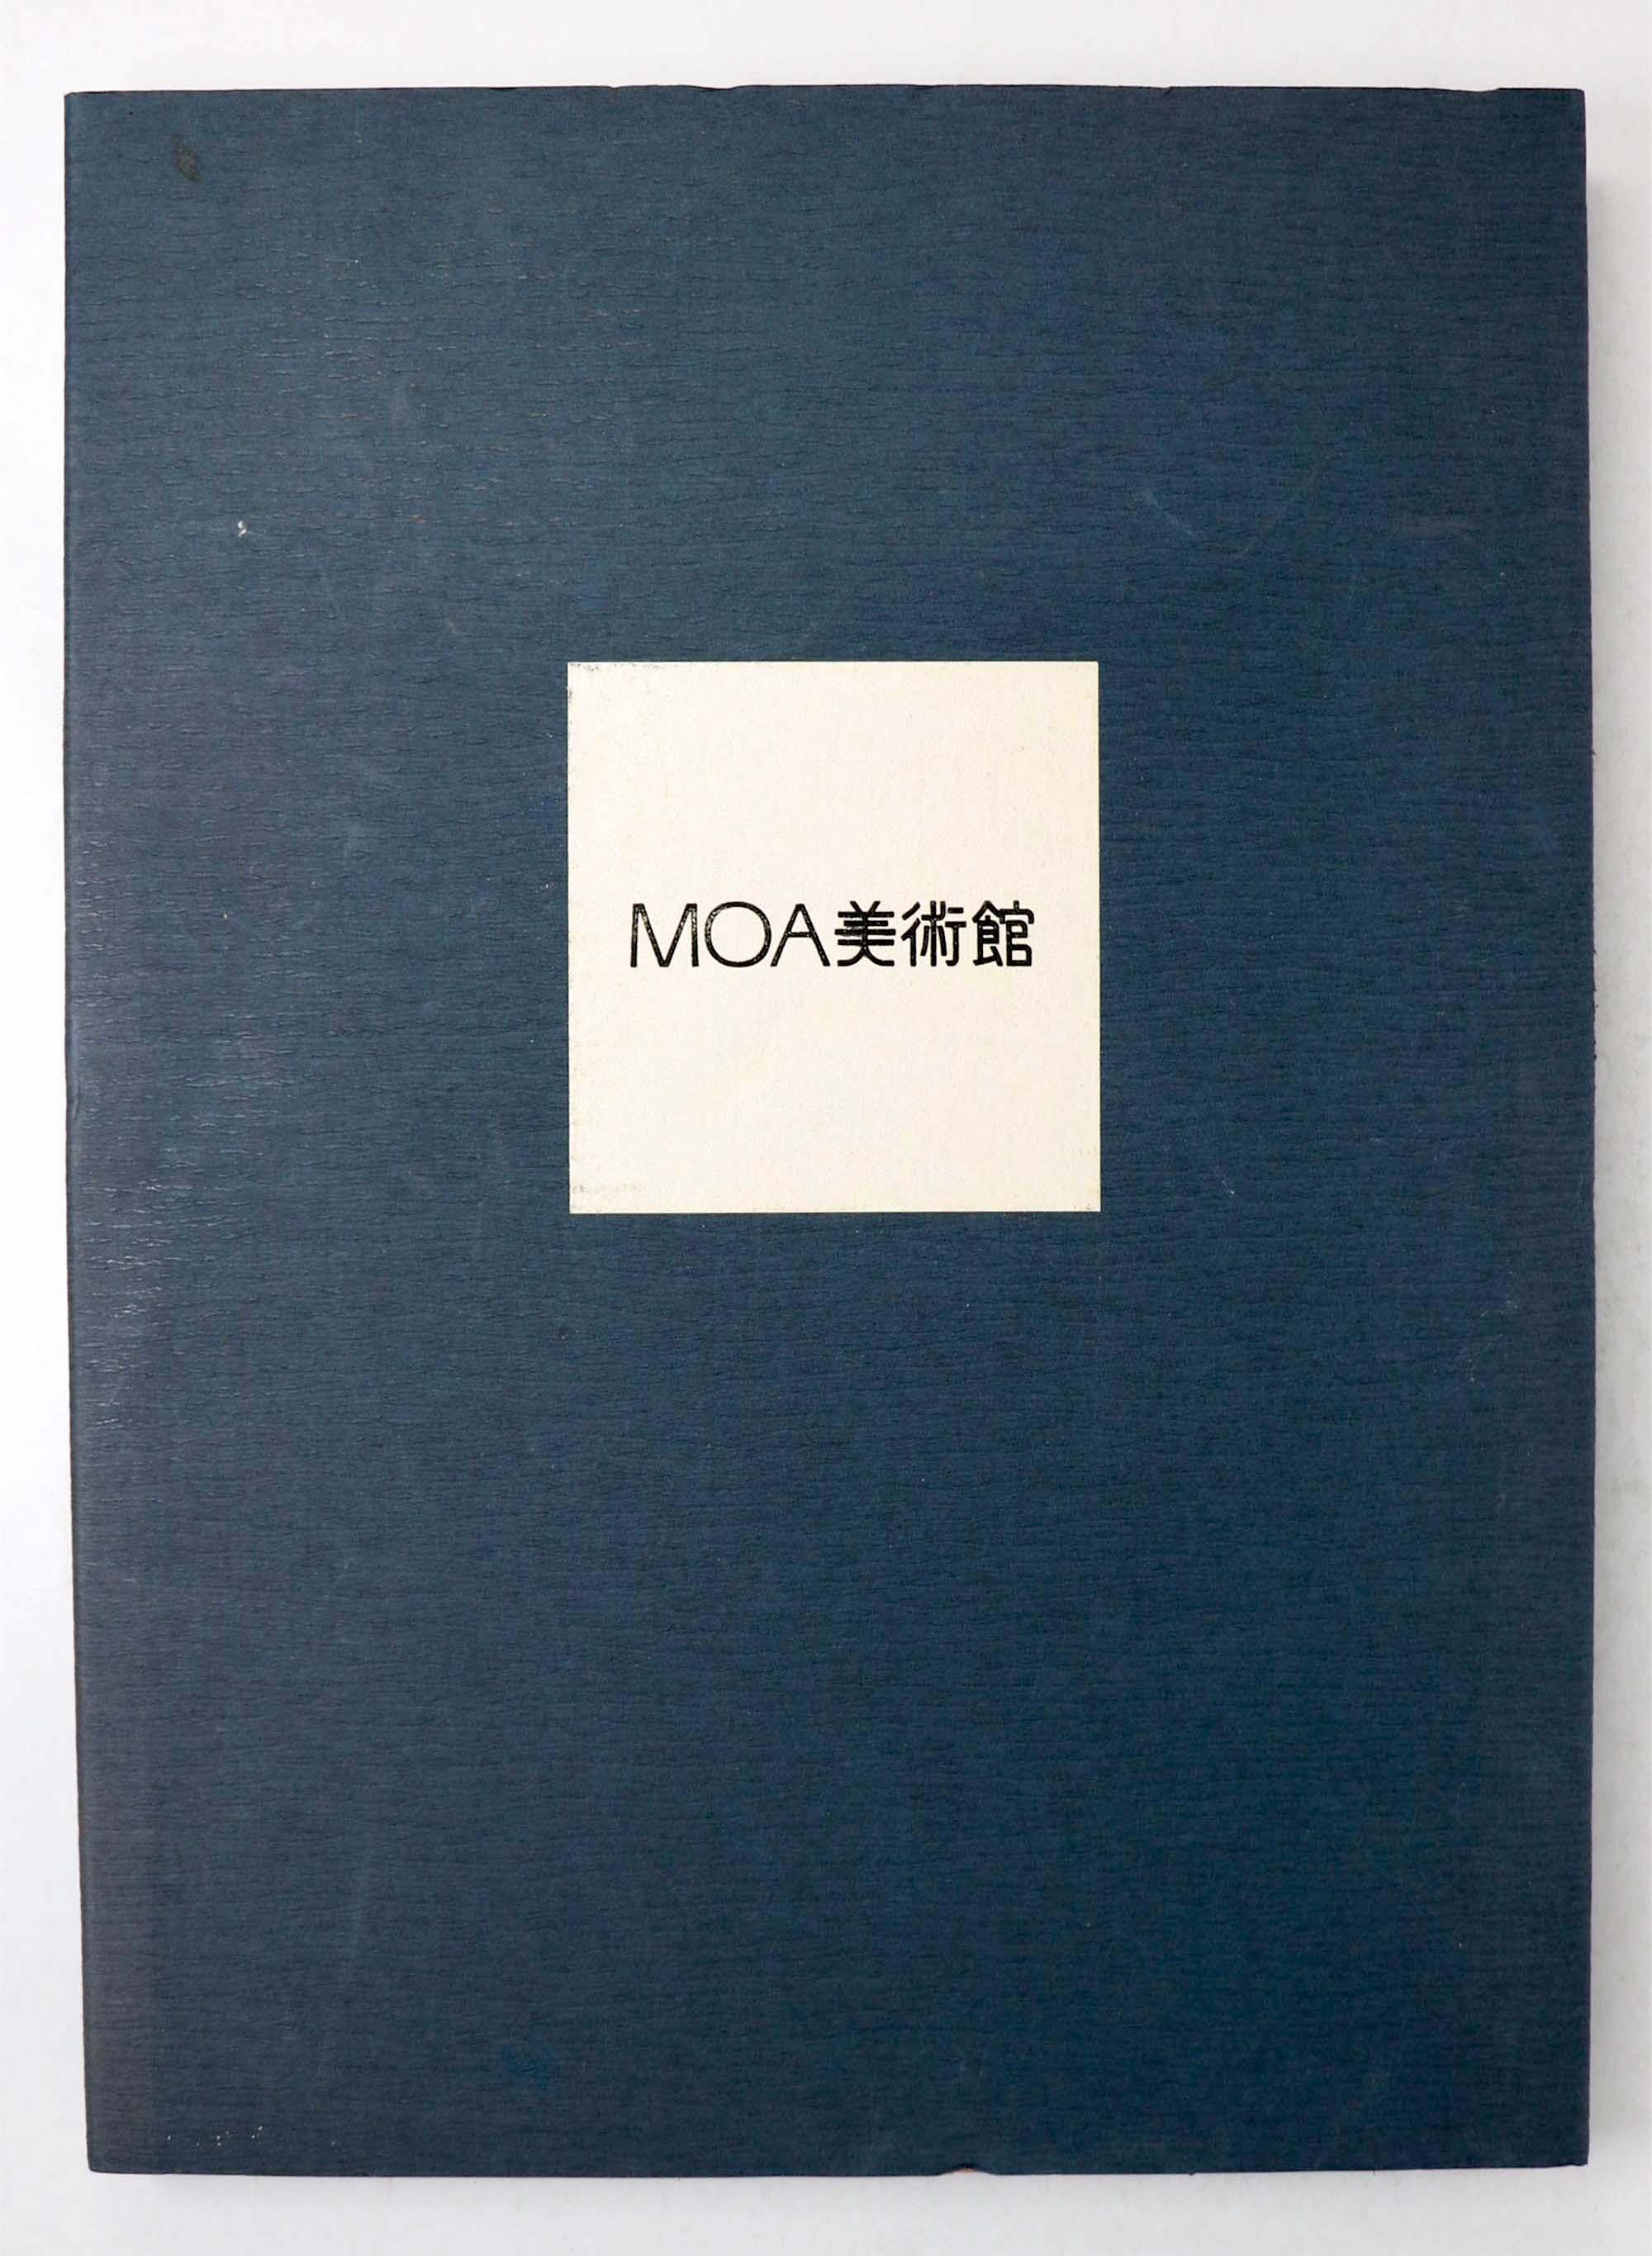 MOA美術館 献呈版